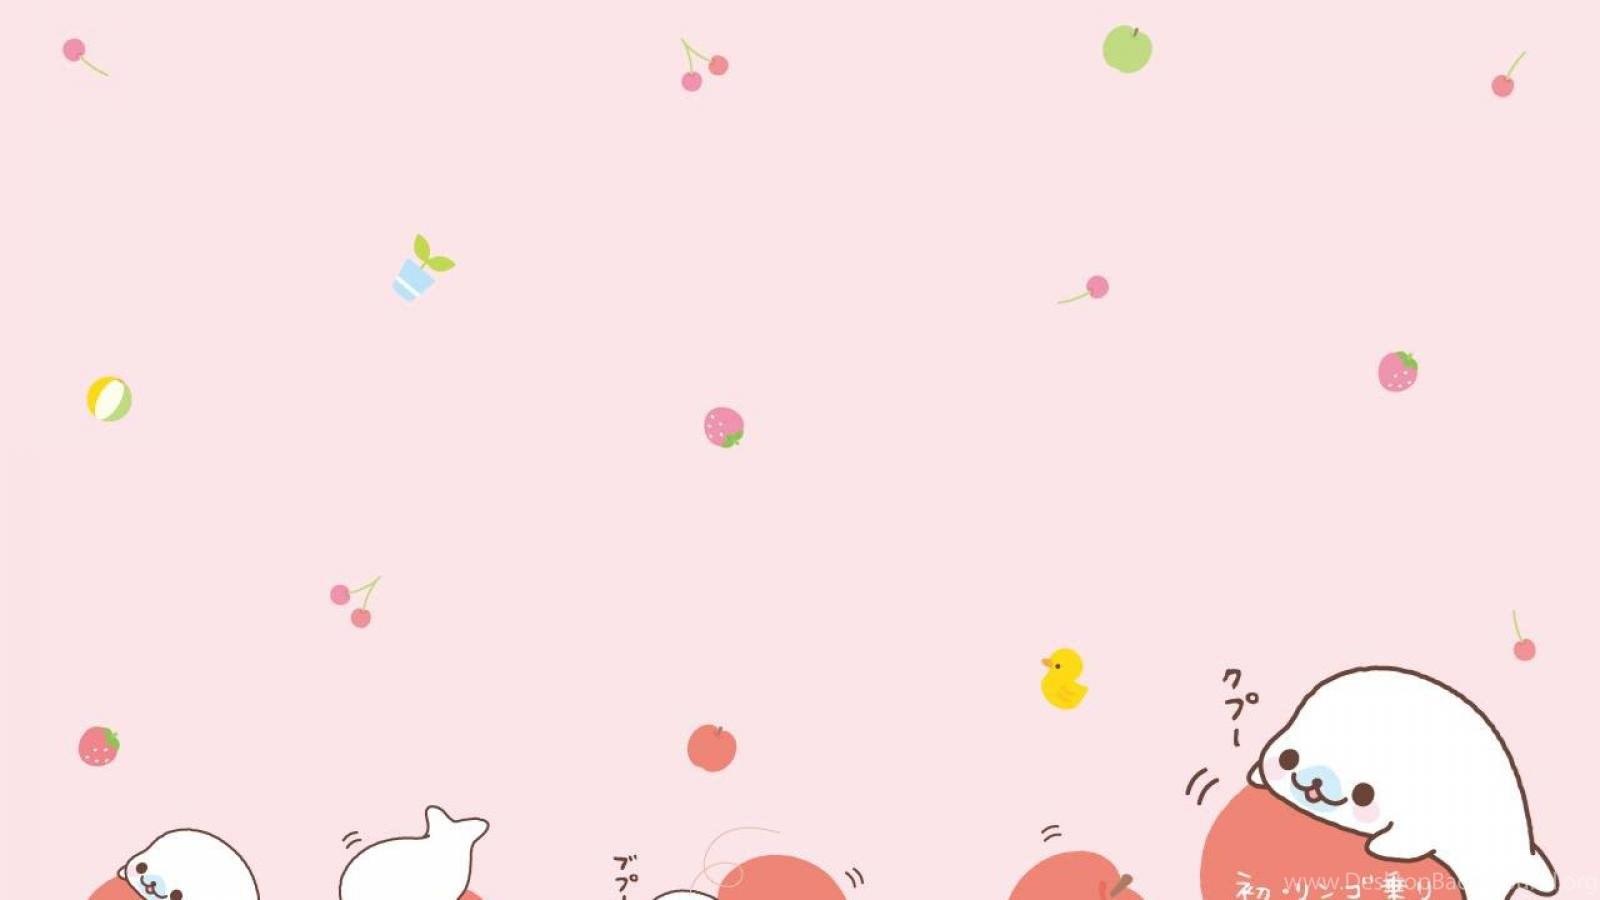 mamegoma wallpapers desktop background